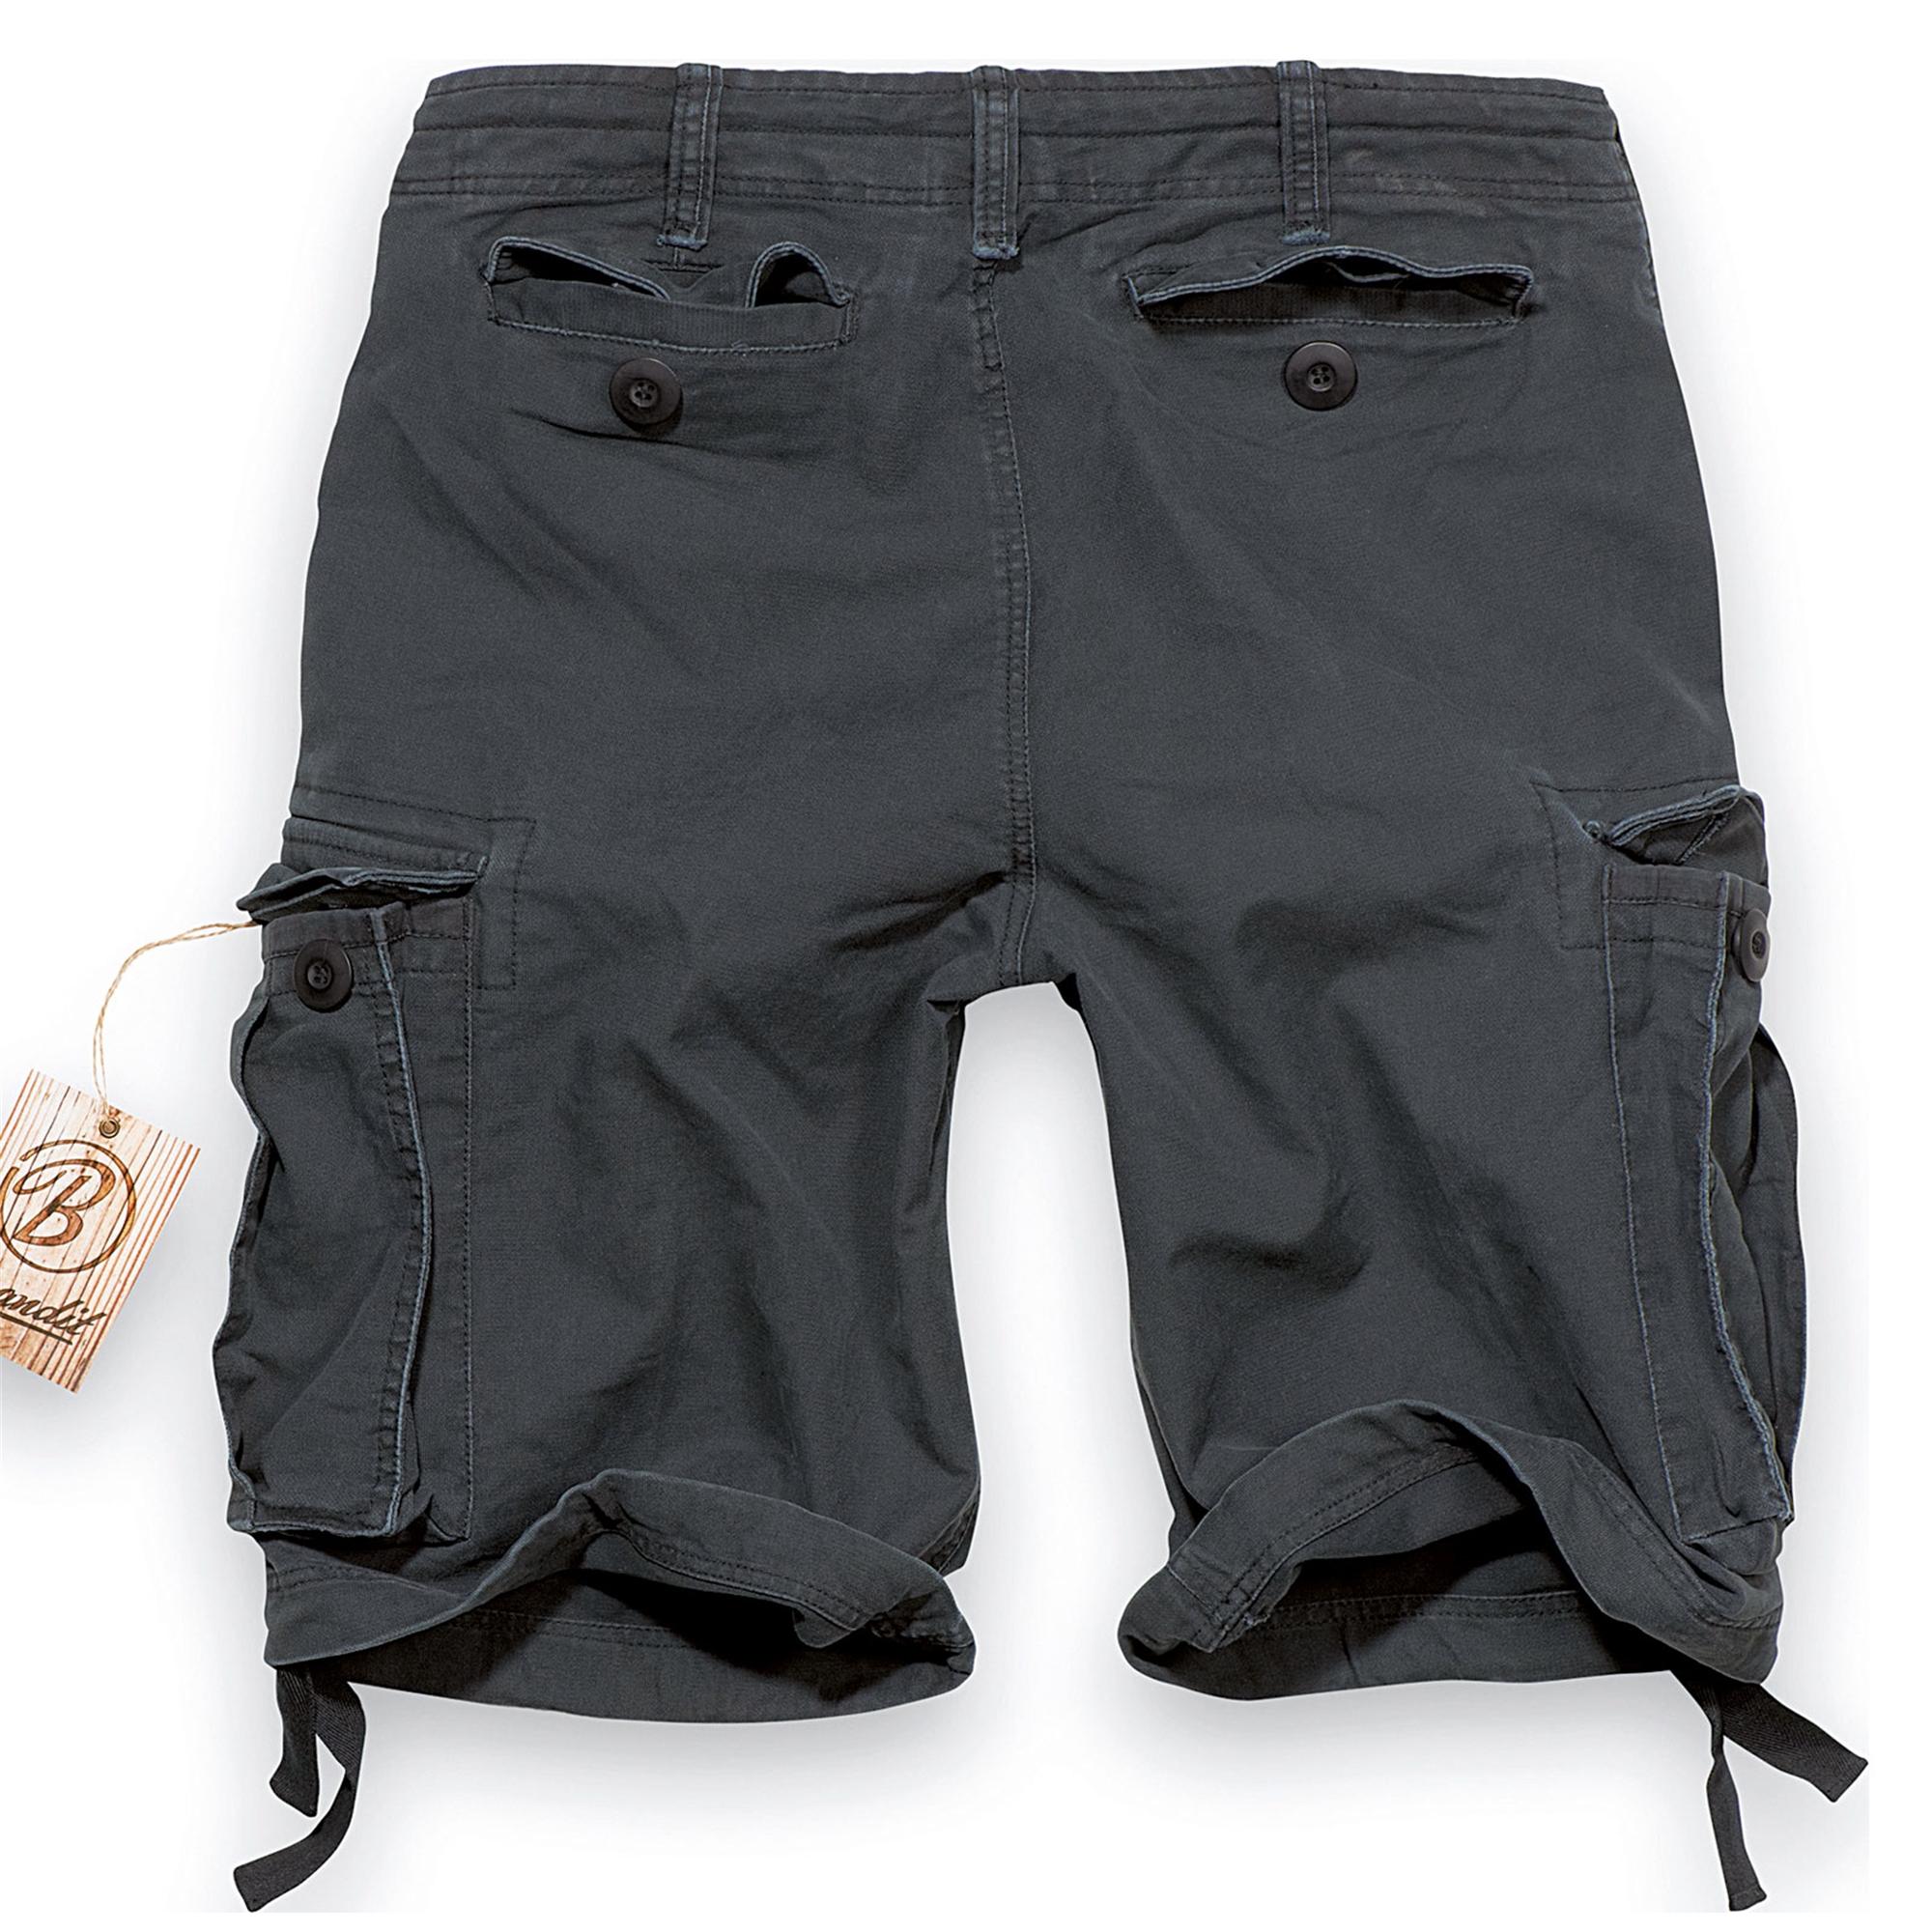 Brandit-Vintage-Herren-Cargo-Shorts-Bermuda-Kurze-Hose-Short-US-Army-Ranger Indexbild 3